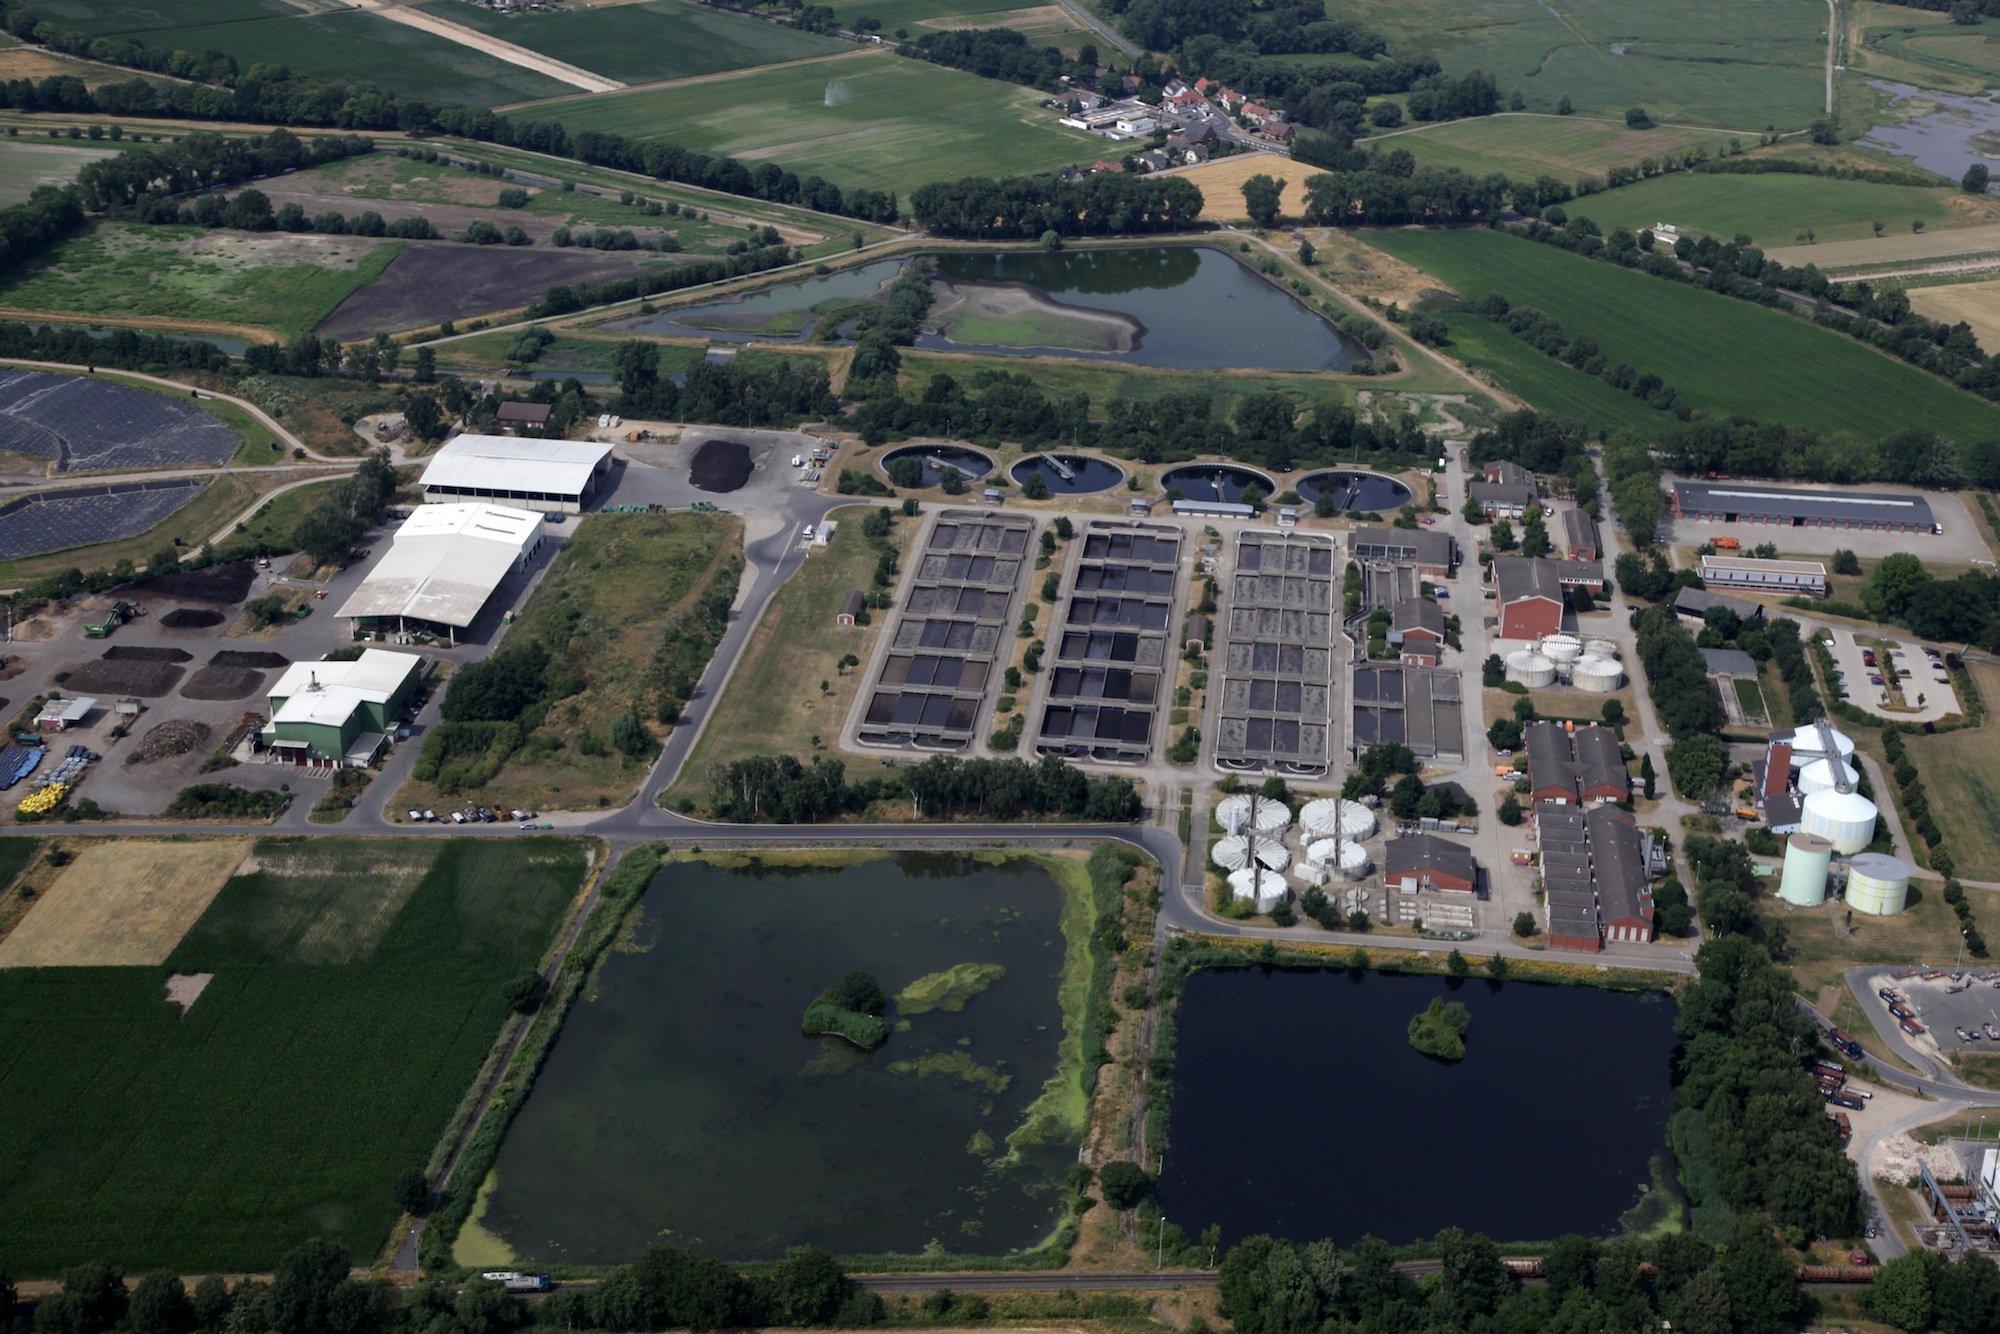 Der Klärschlamm aus der Kläranlage Braunschweig wird direkt weiterverarbeitet. So wird daraus Dünger gewonnen, der zum Anbau von Energiepflanzen rund um die Kläranlage genutzt wird. Daraus wird Biogas und Strom gewonnen.Täglich werden 24.000 Kubikmeter Biogas und 50.000 Kilowattstunden Strom erzeugt.